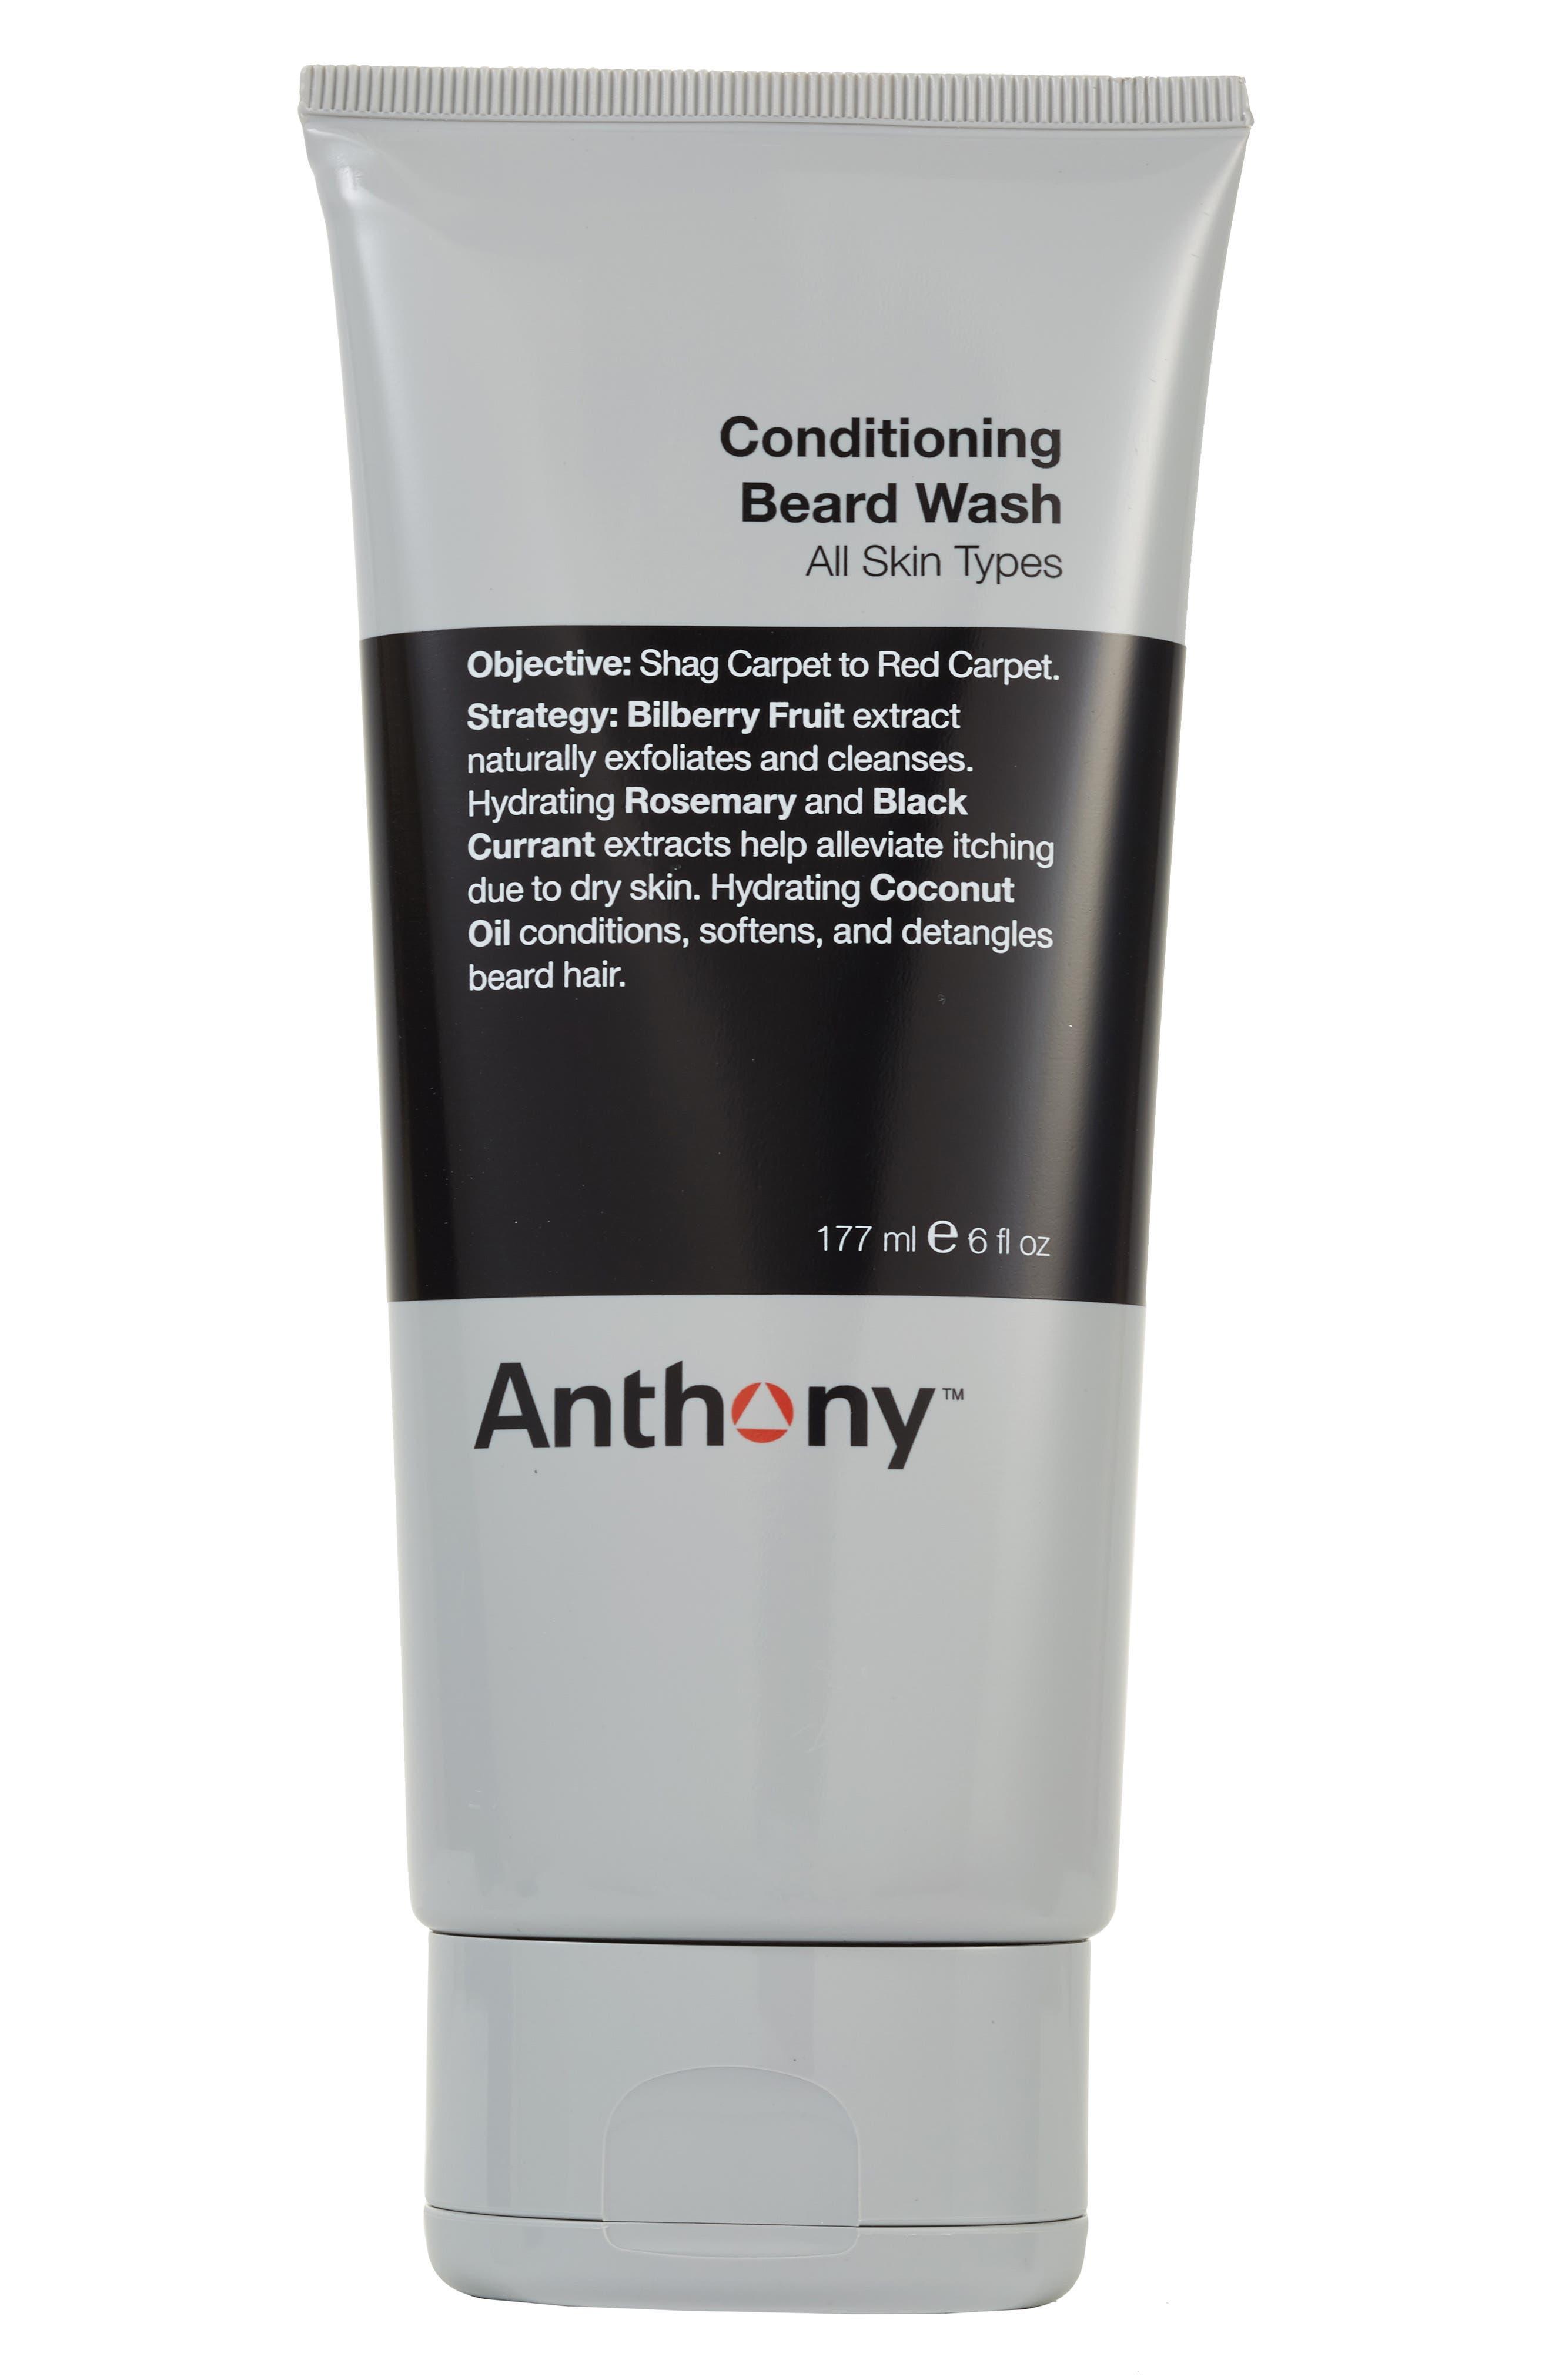 Anthony™ Conditioning Beard Wash